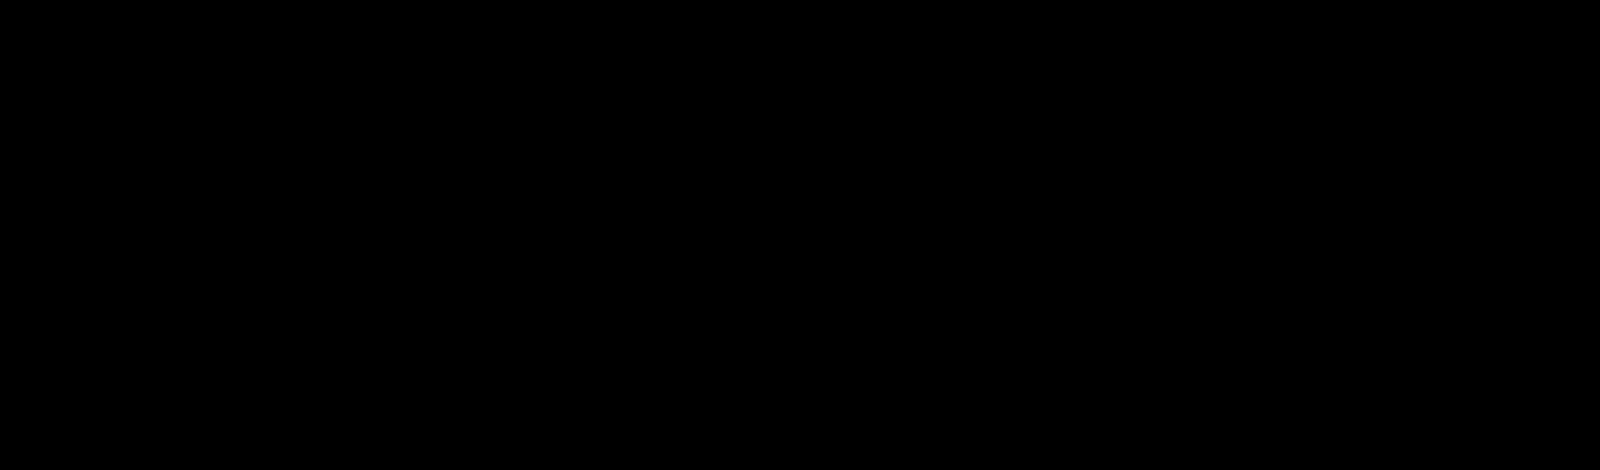 Hintergrund